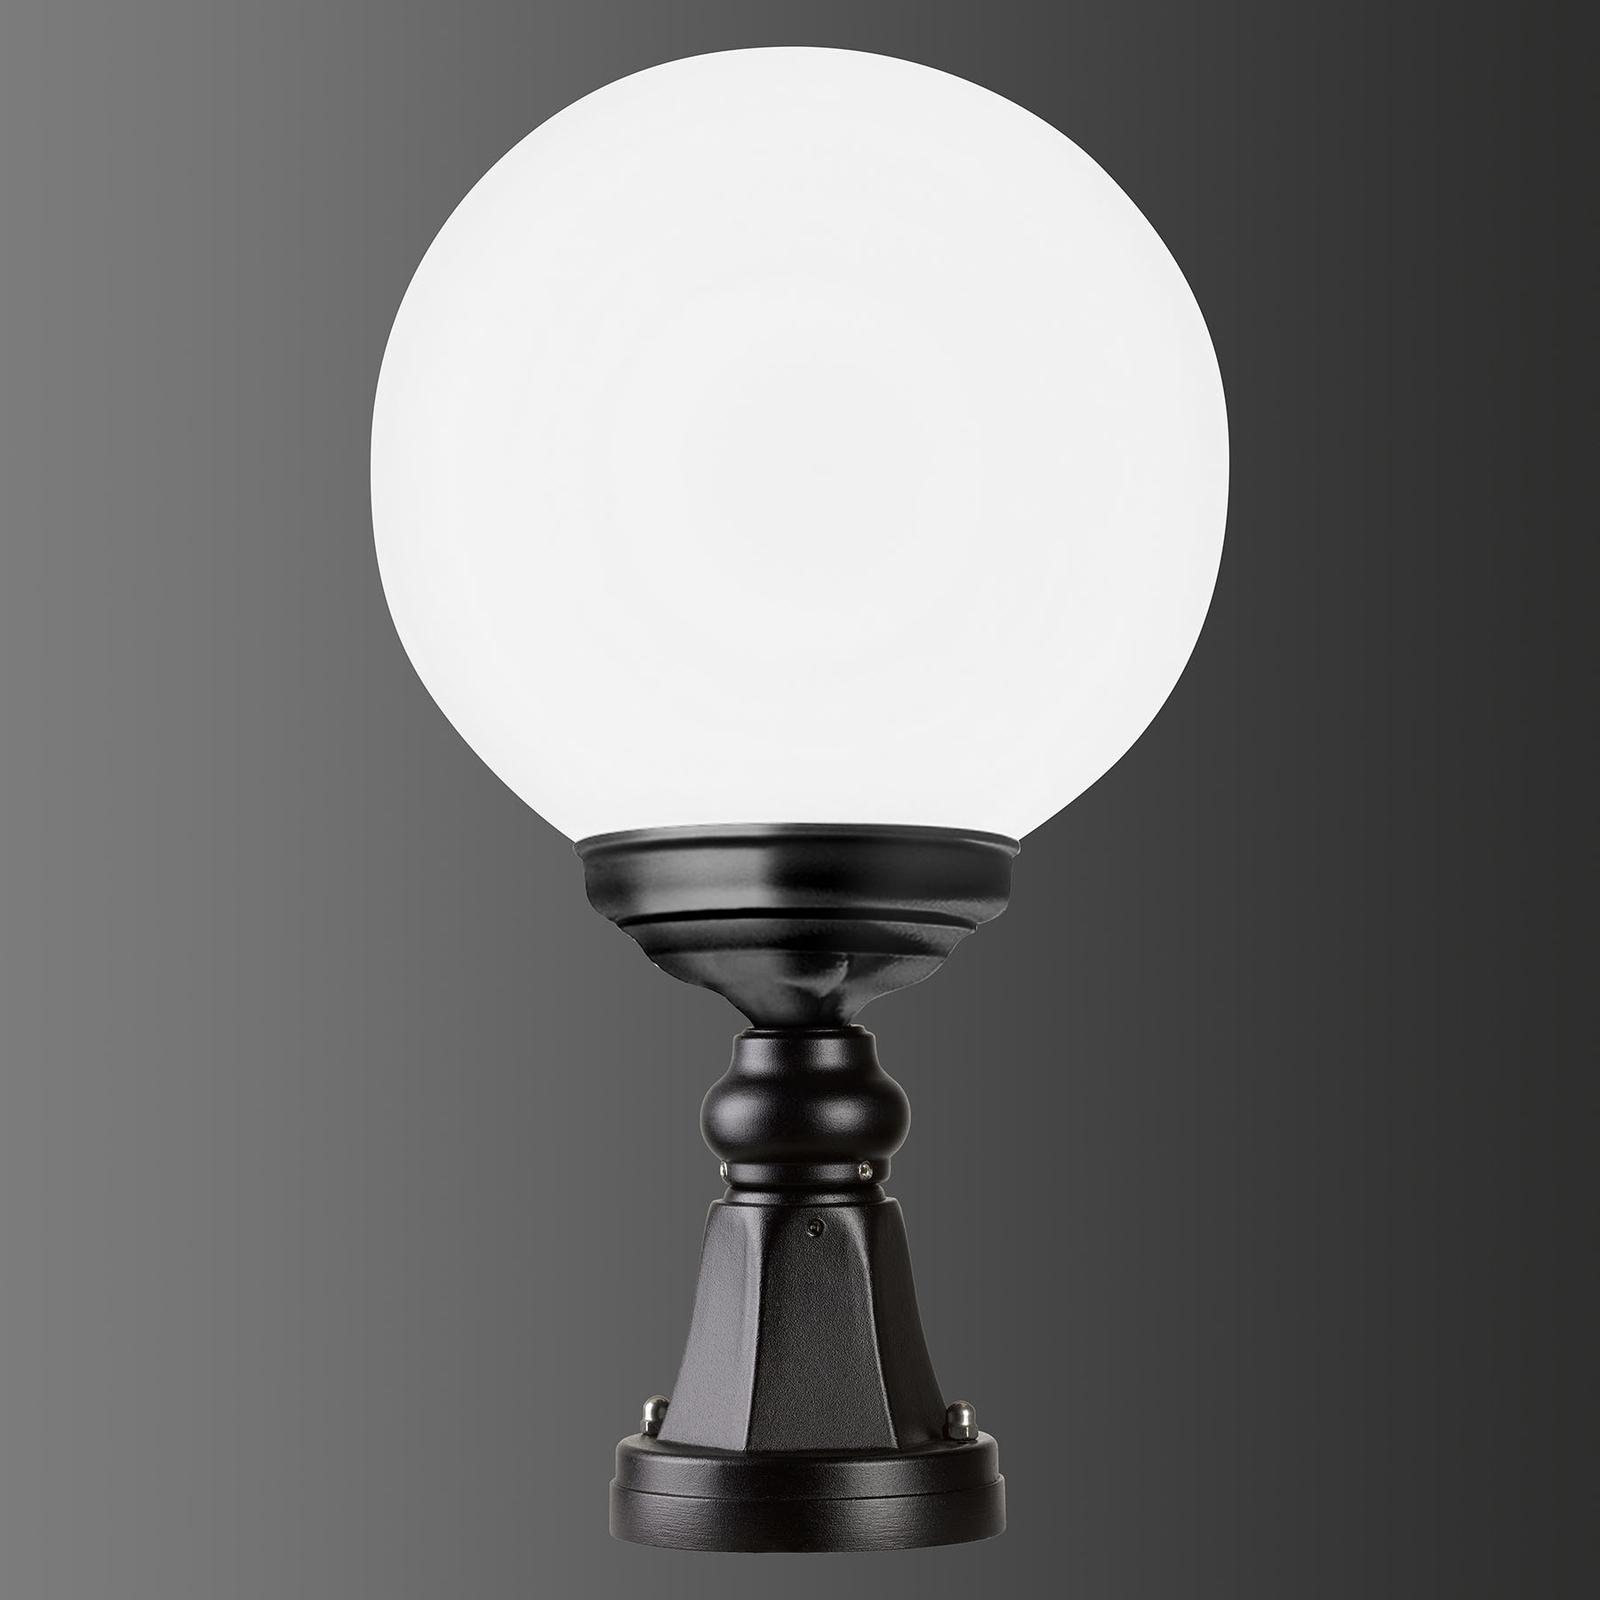 Pollarilamppu 1141 pyöreällä varjostimella